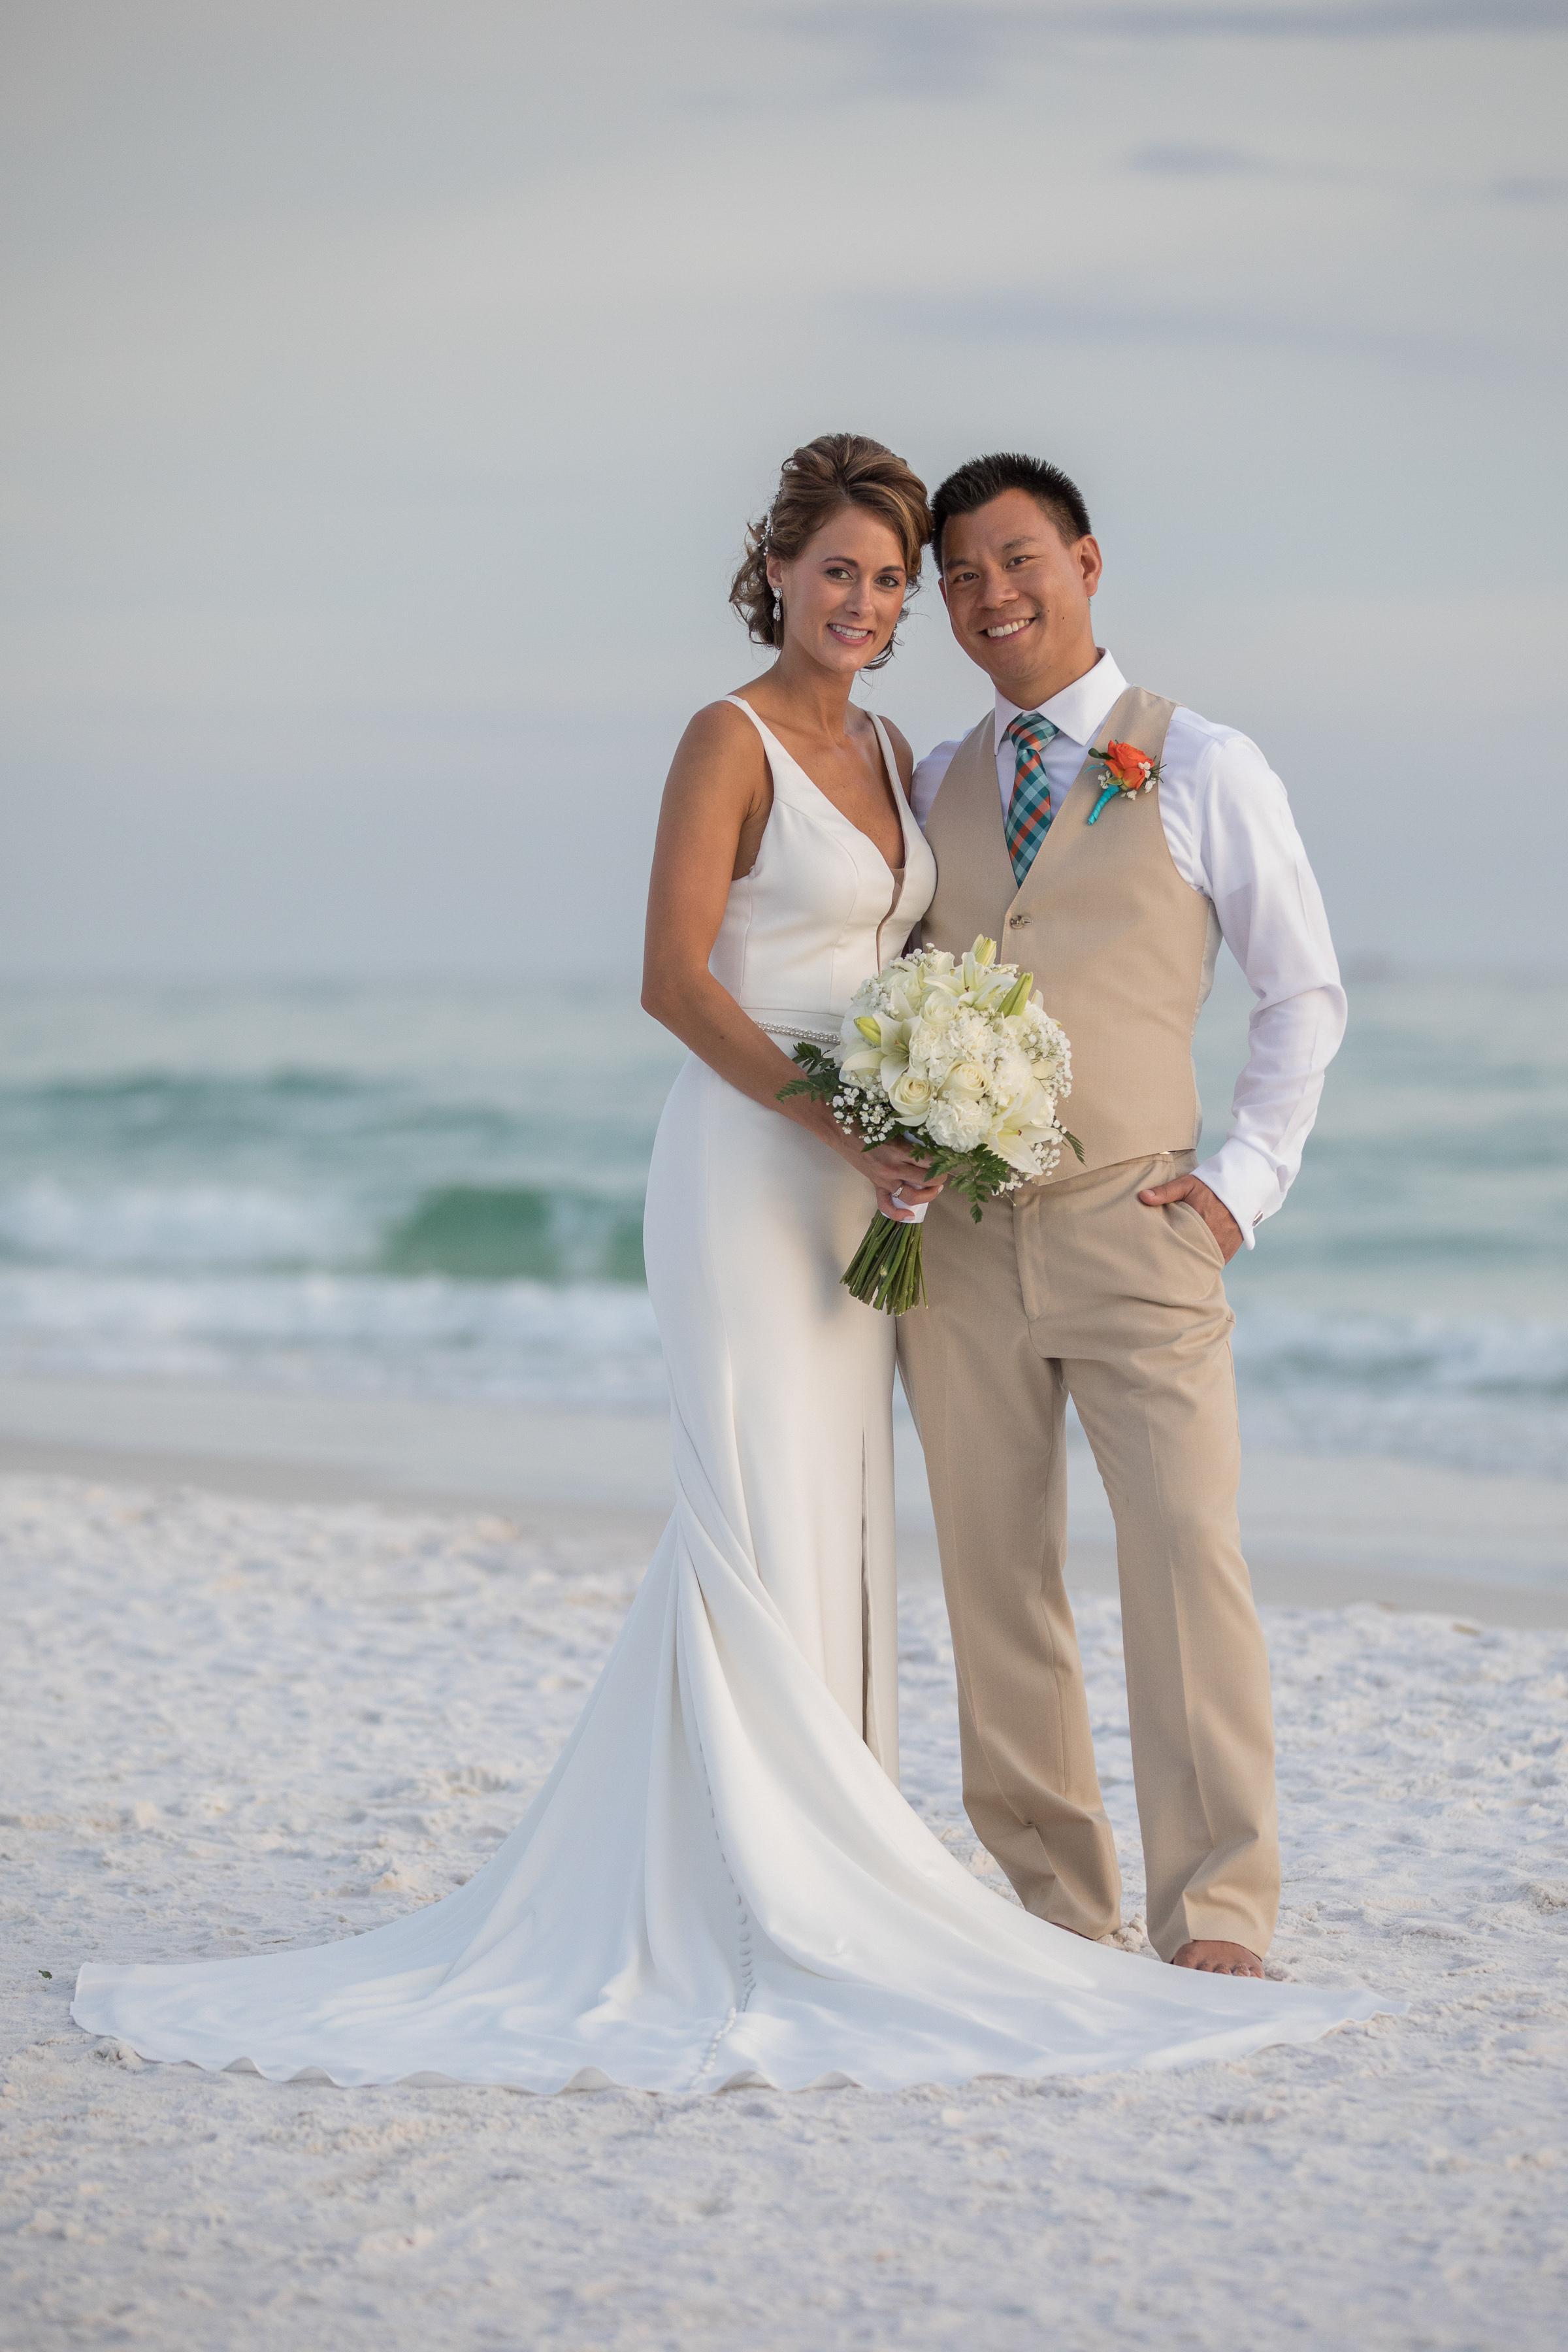 destin beach wedding package picture02_ (3).jpg